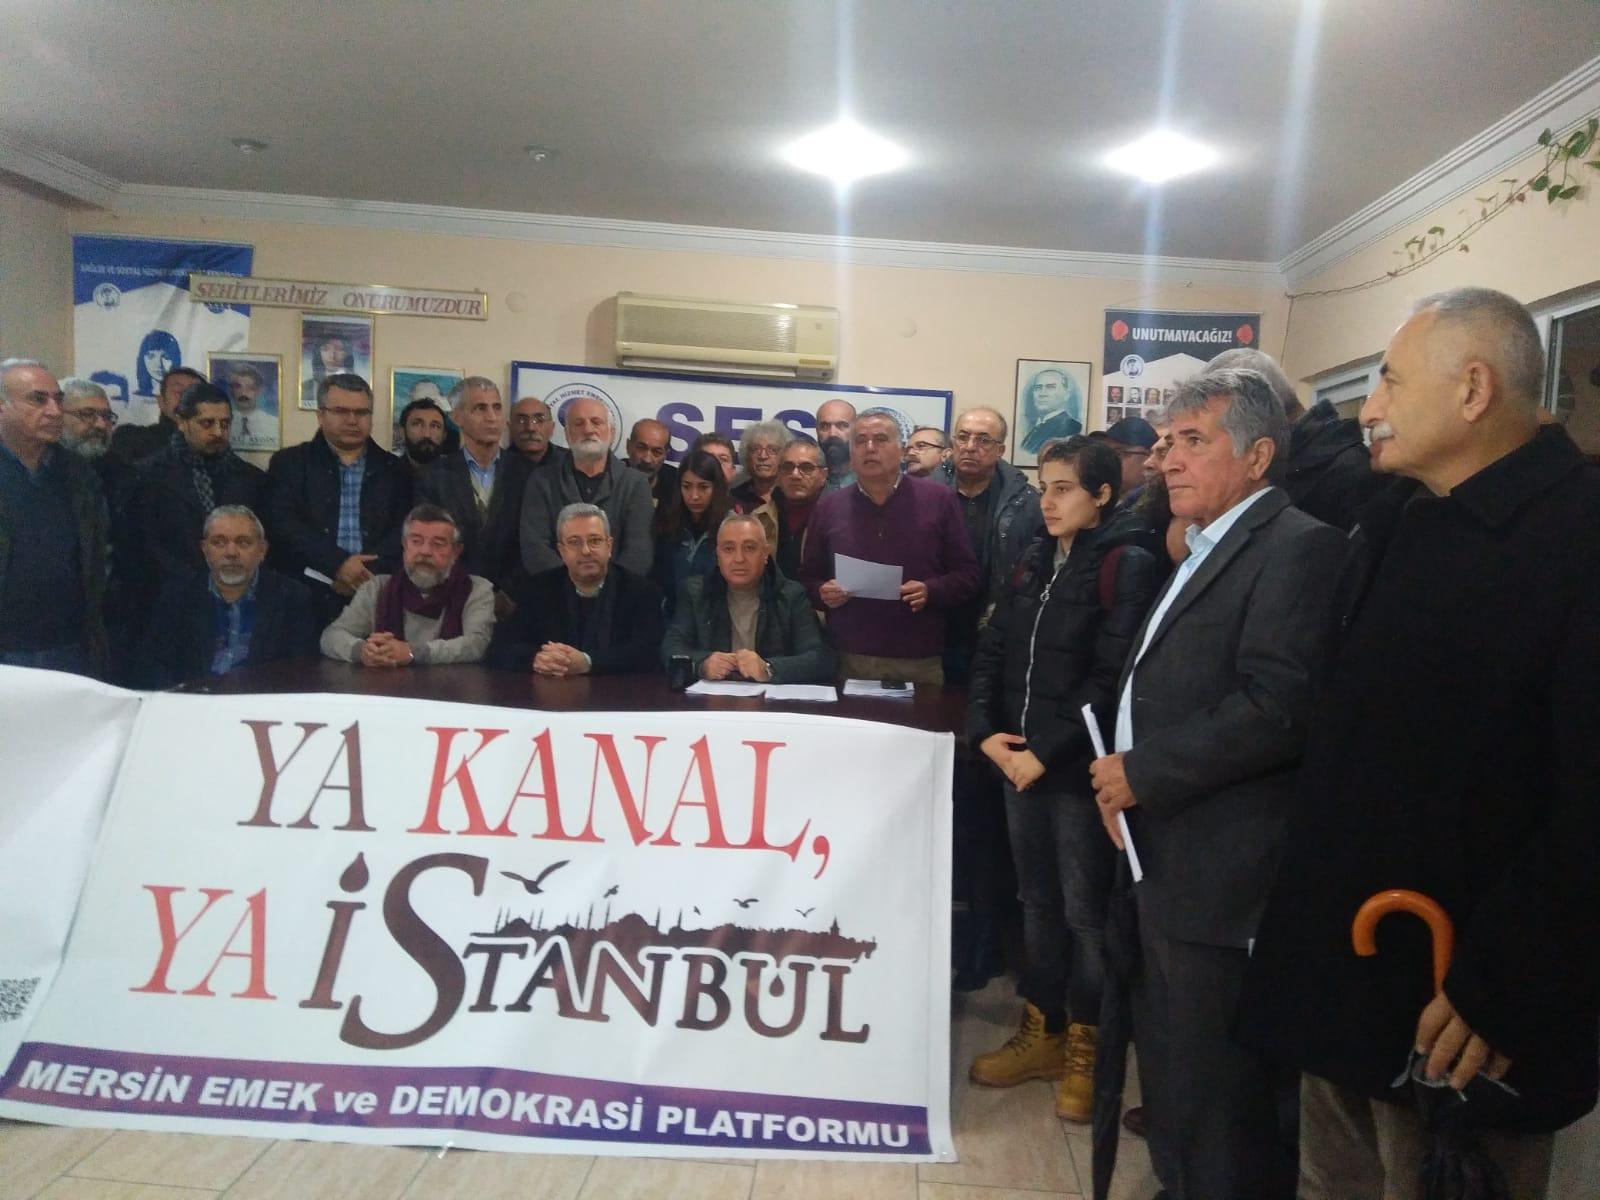 Mersin Emek ve Demokrasi Platformu: Kanal İstanbul Çılgın Proje Değil, Çılgınlıktır! Doğanın Talan Edilmesidir